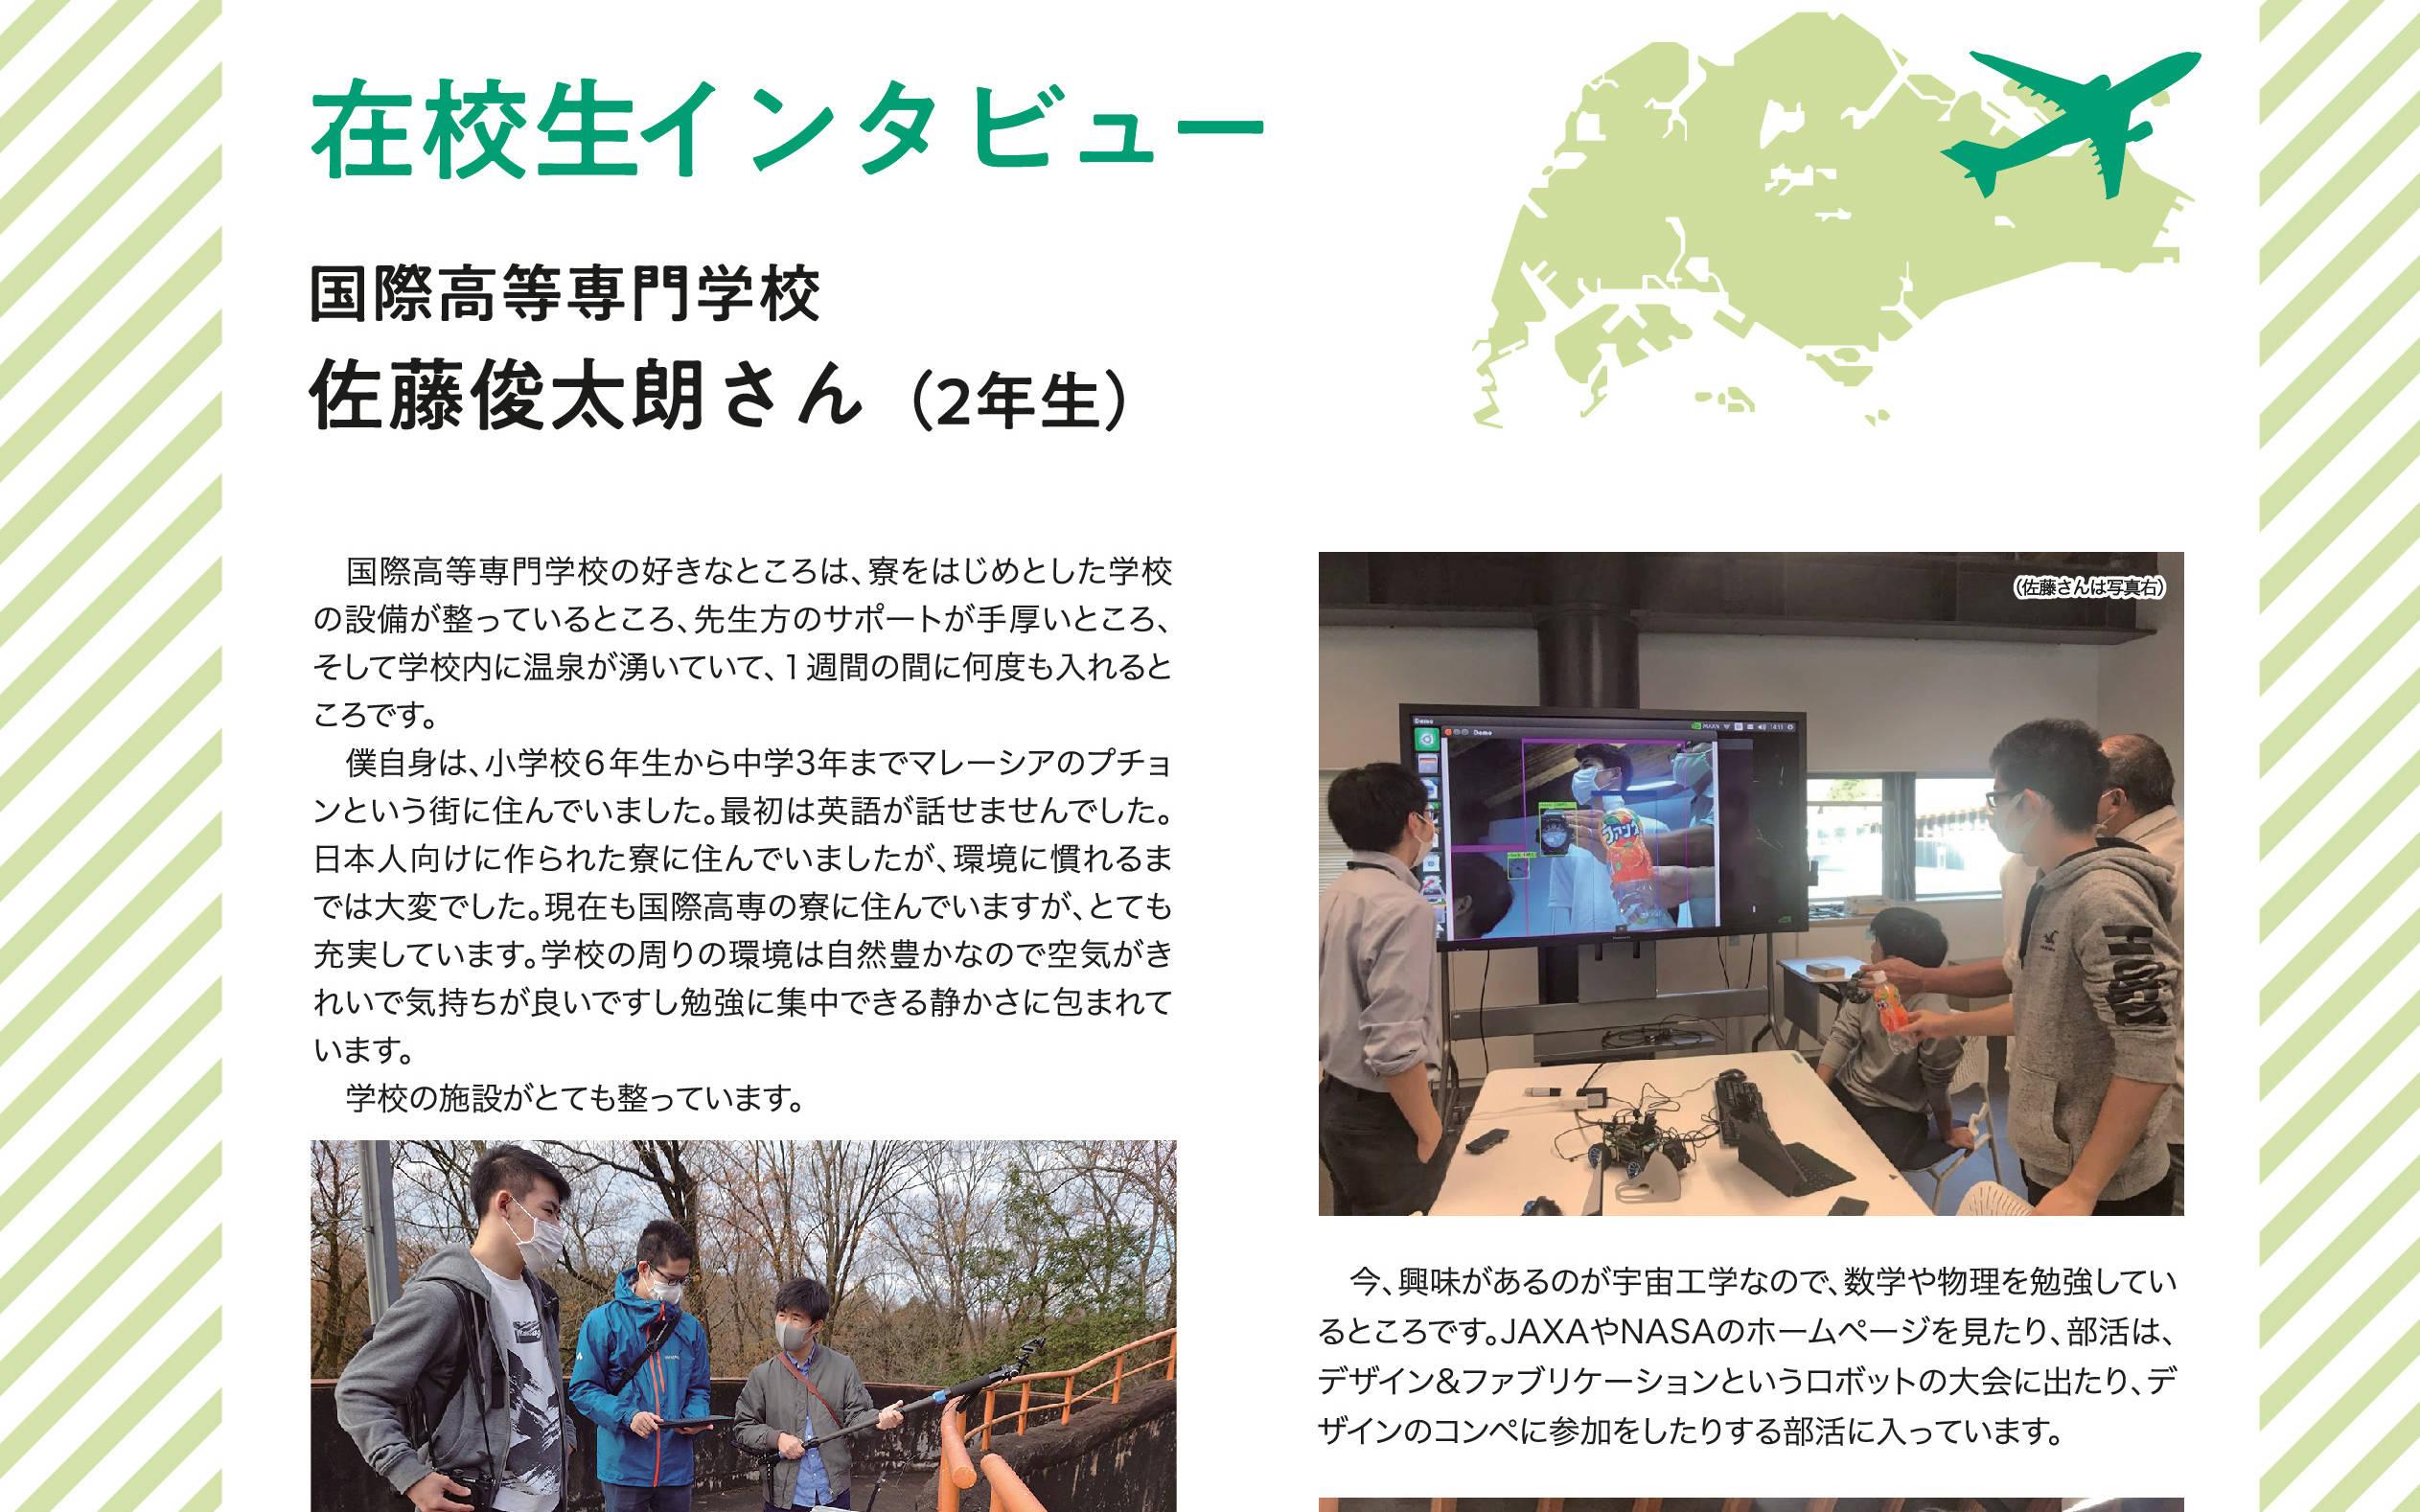 シンガポール在住日本人の情報誌『WEEKLY SingaLife』 教育ガイドブックに、佐藤俊太朗さん(3年)のインタビュー記事が掲載されました。